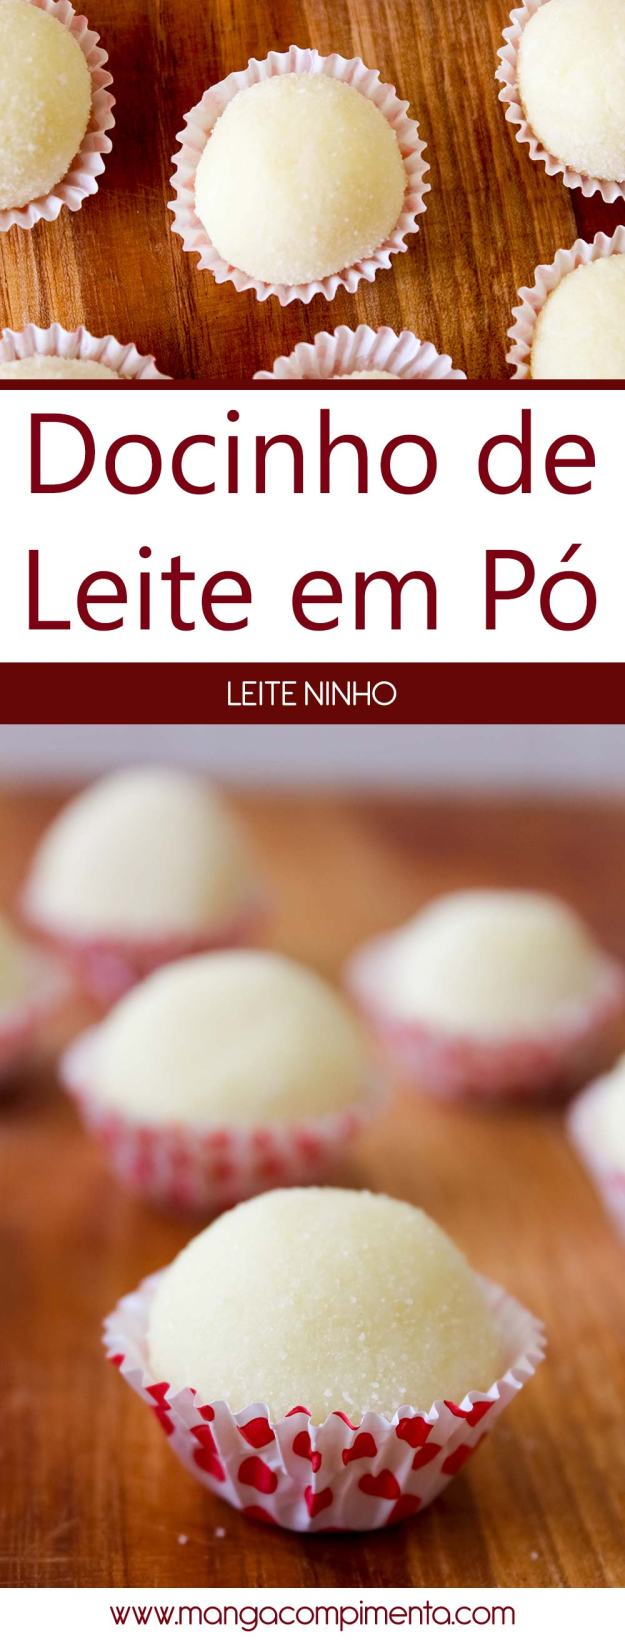 Docinho de Leite em Pó | Leite Ninho - receita para festas de aniversário.